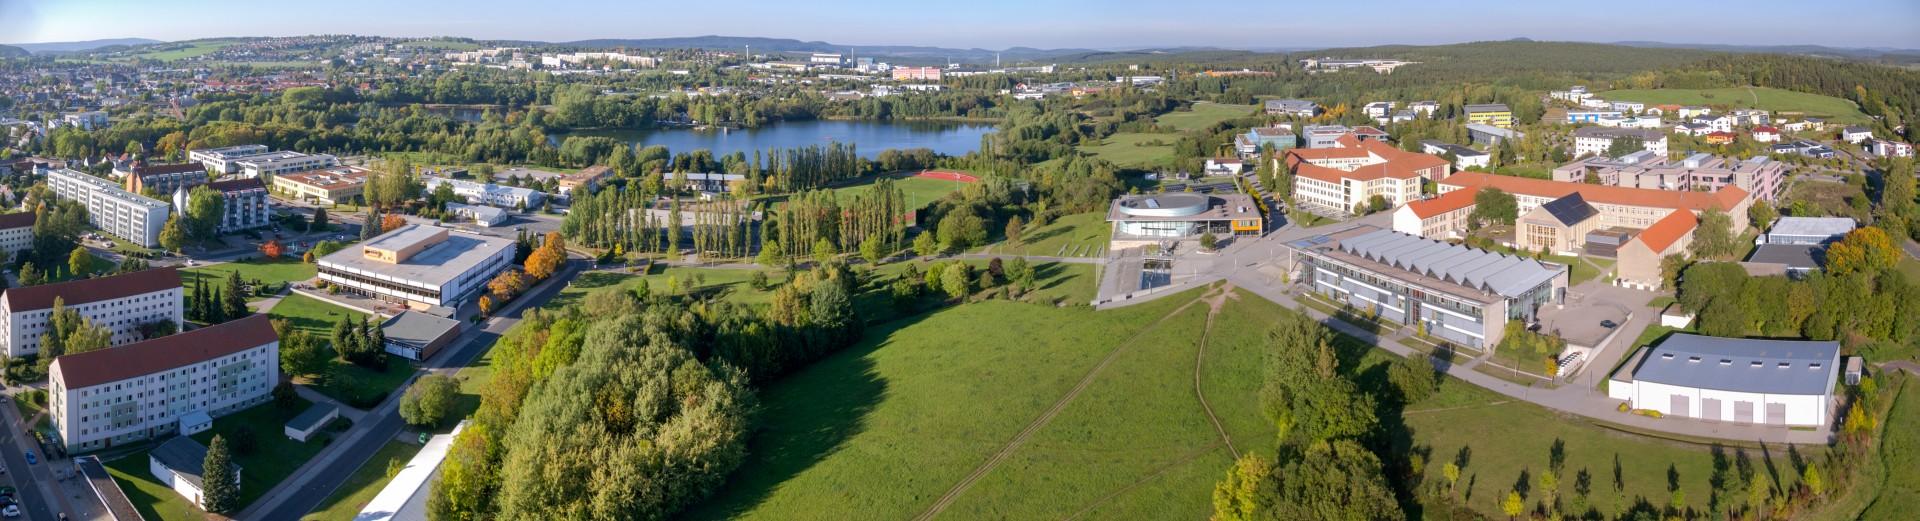 Blick auf den Campus der TU Ilmenau